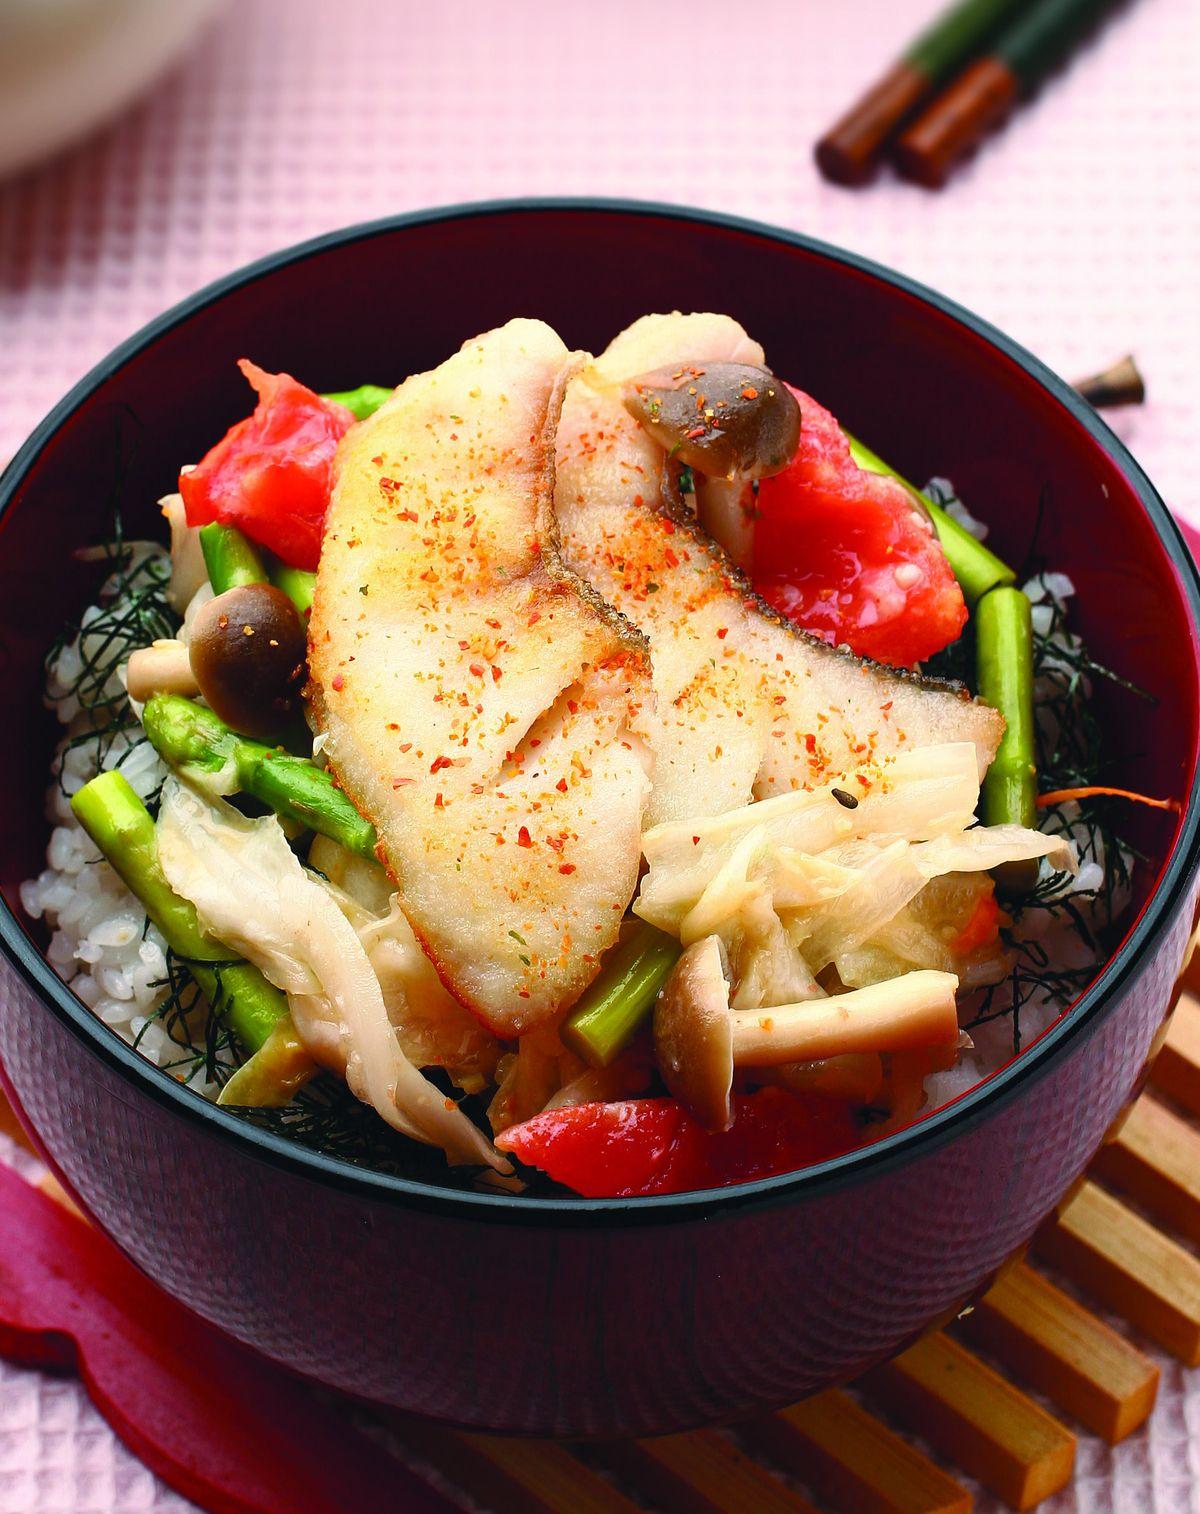 食譜:鯛魚泡菜蓋飯